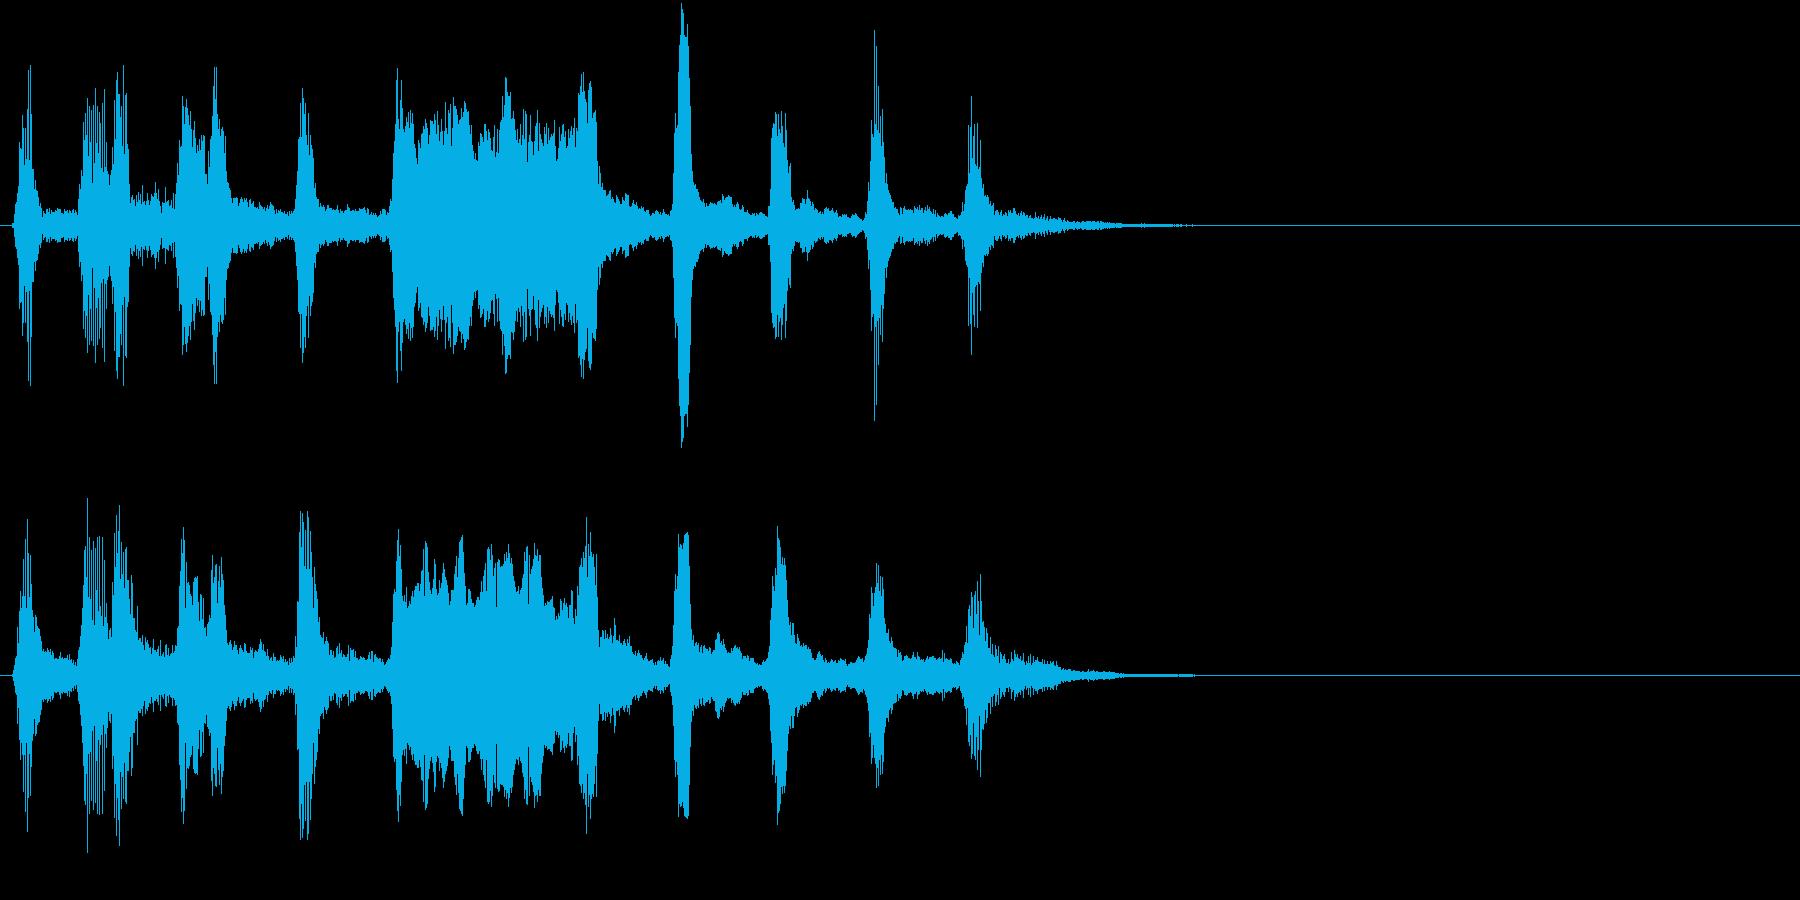 ハロウィン モンスター 不気味ジングル1の再生済みの波形